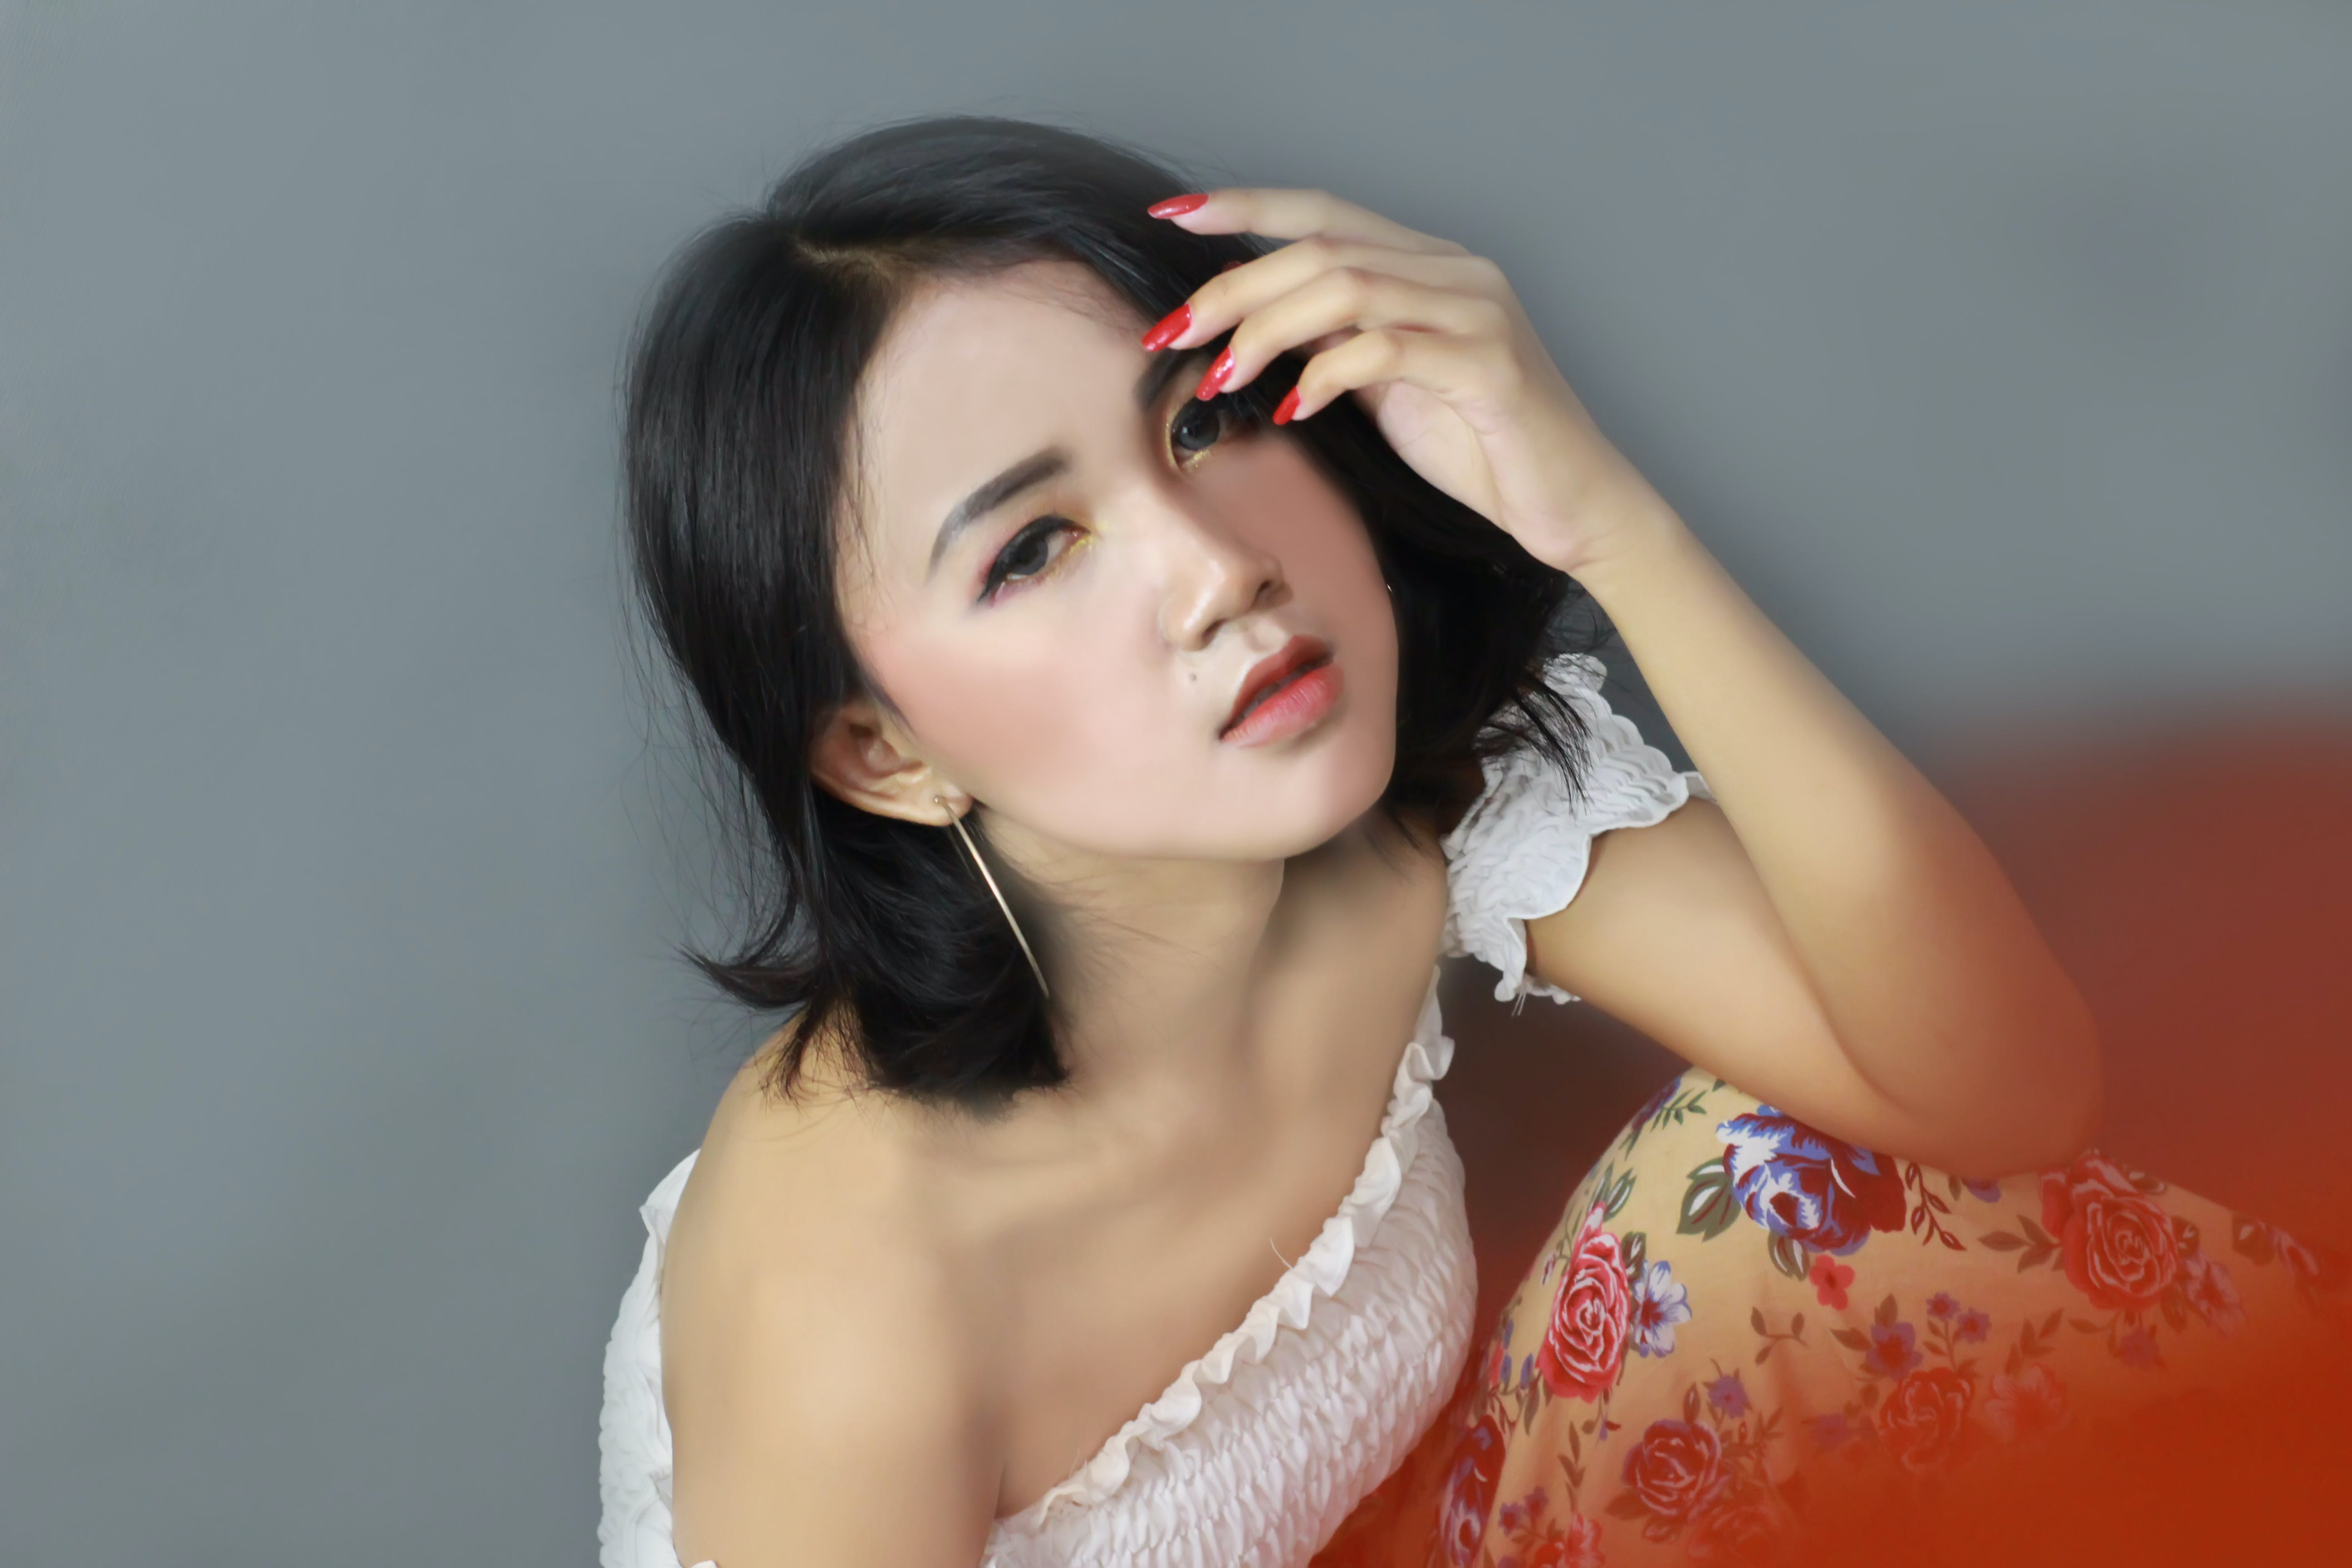 Kostnadsfri bild av asiatisk kvinna, elegant, flicka, glamour